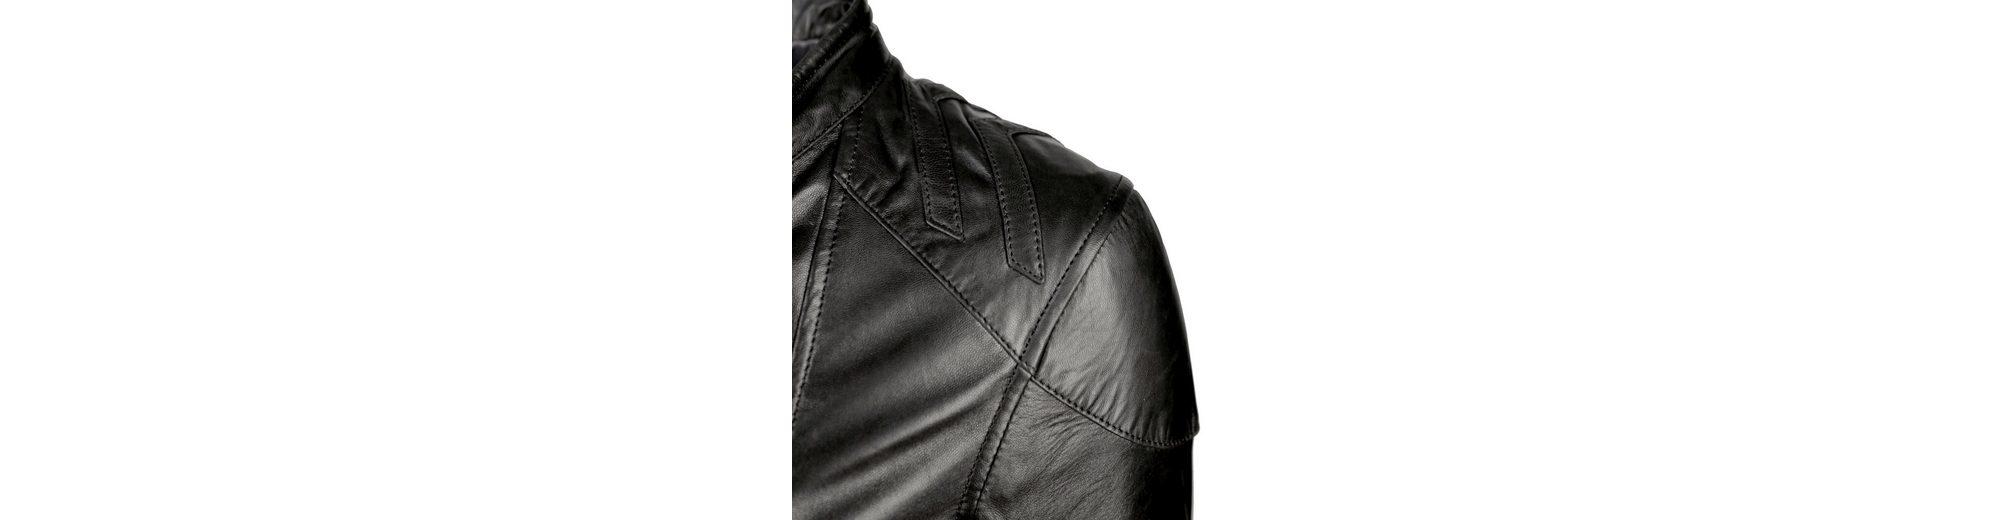 MAZE Lederjacke mit Bindegürtel Vermont Wirklich Online-Verkauf Top Qualität vb0YpBaMv